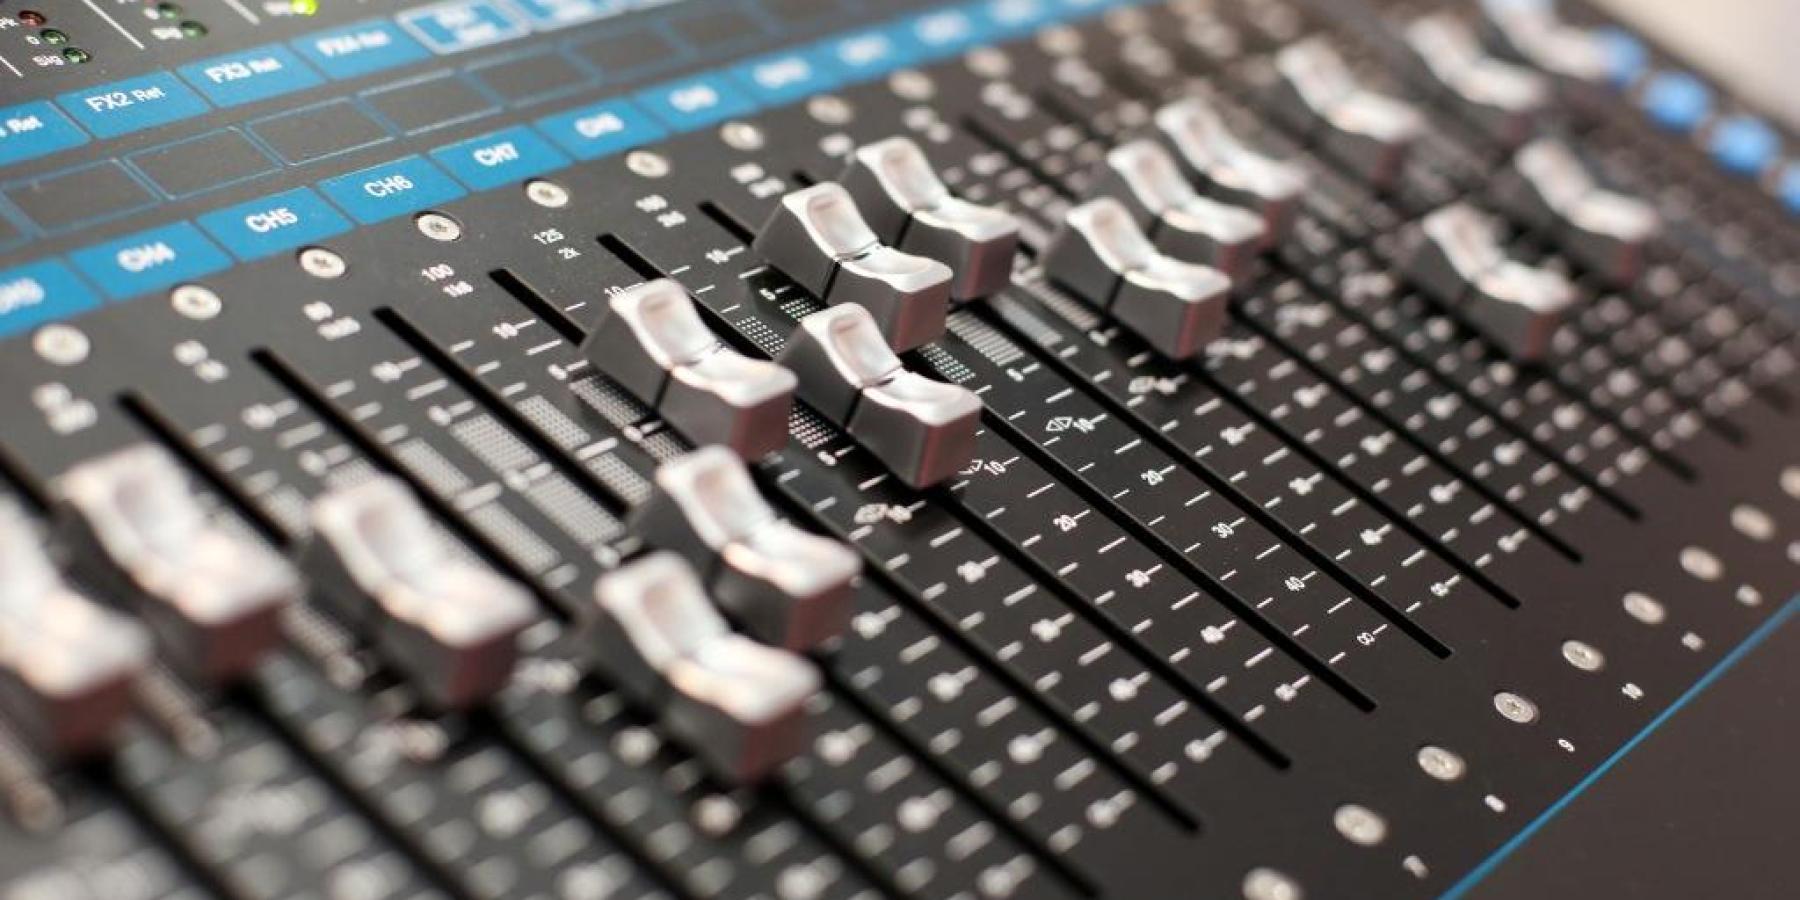 Stage|Set|Scenery: Guter Ton macht die Musik Audio-Segment ausgebucht